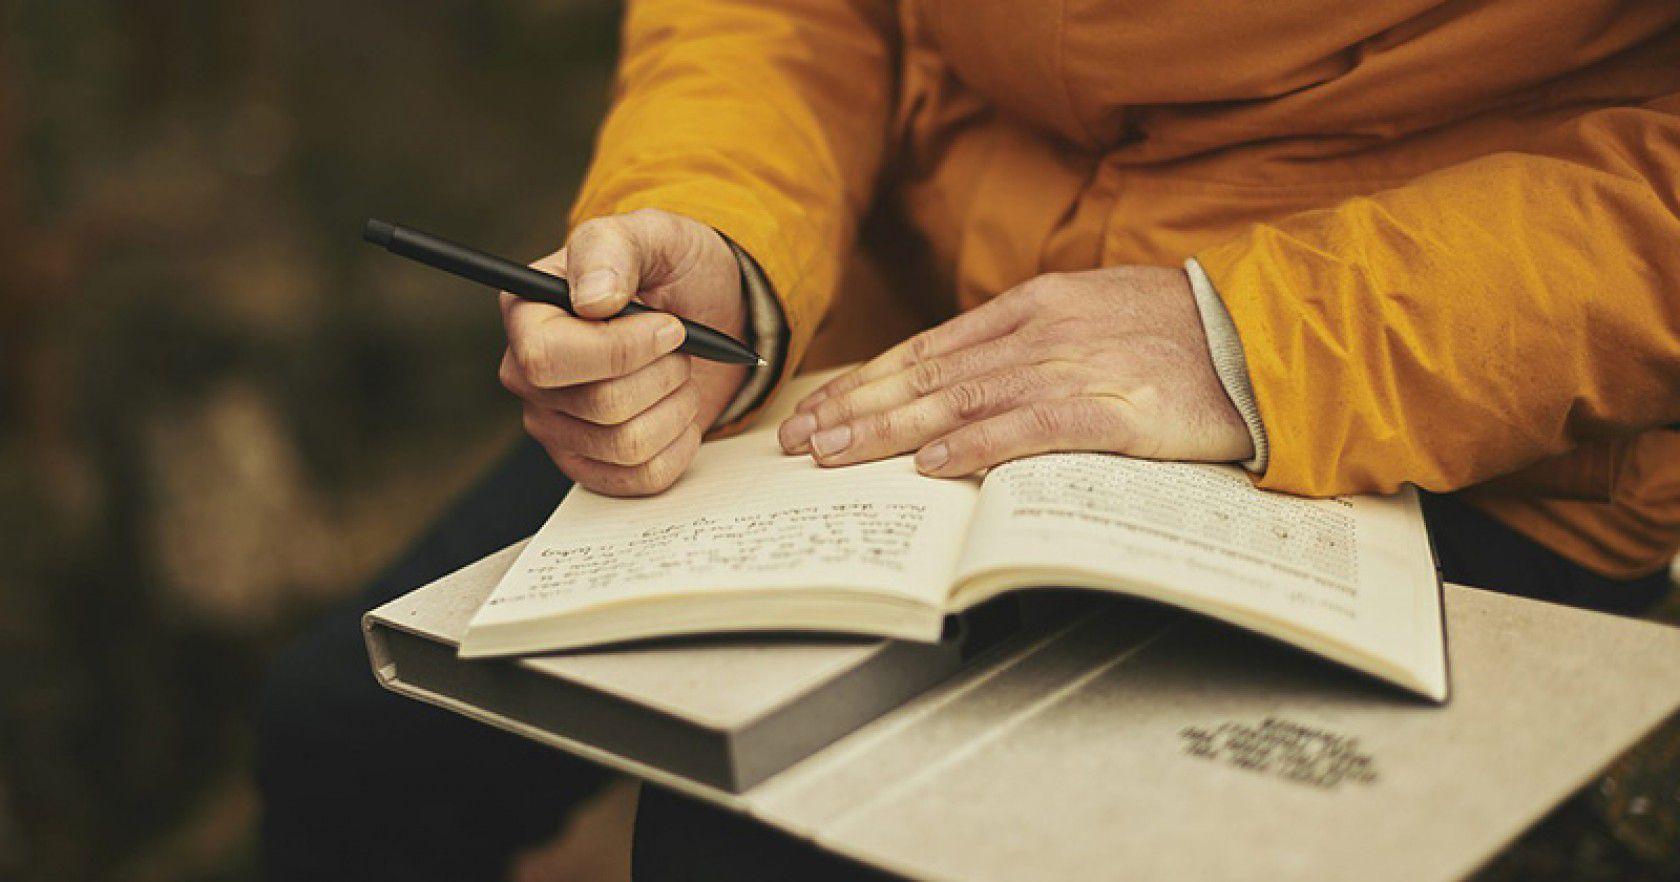 Amerika'da Kolej Eğitimi Almak İsteyenler ISEE Sınavı ile Alakalı Nelere Dikkat Etmeli?